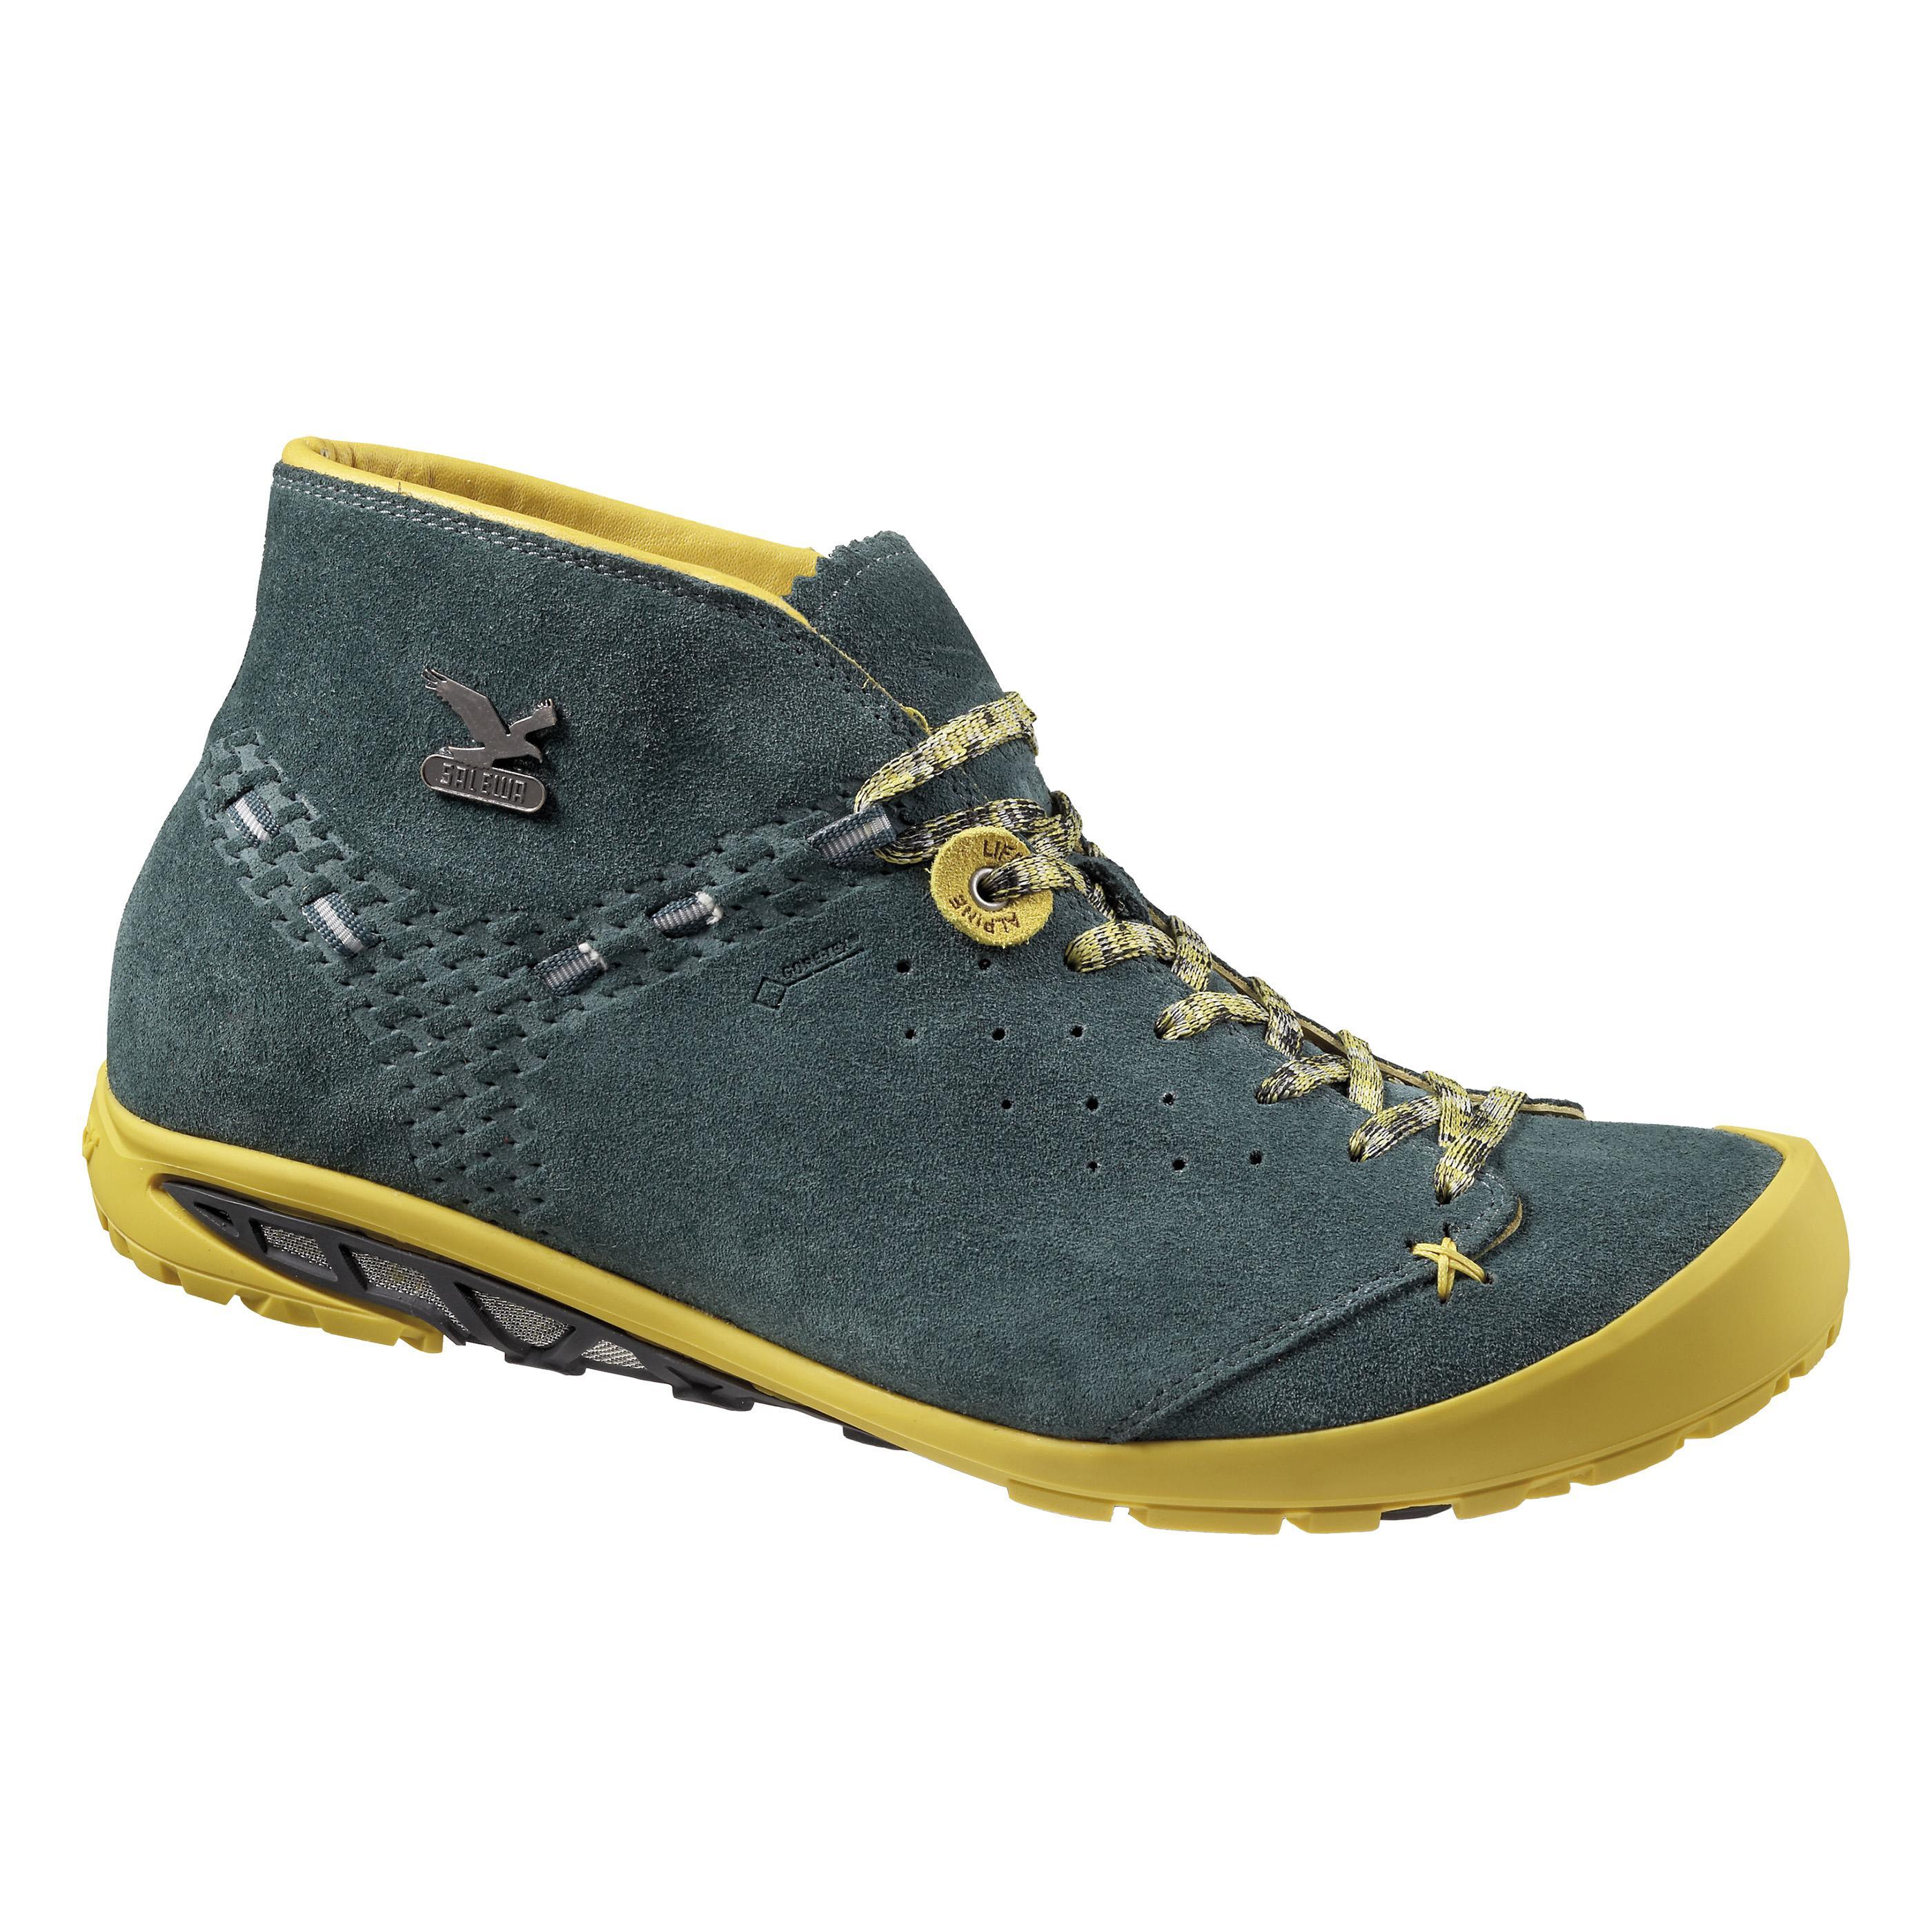 Купить Ботинки городские (высокие) Salewa Alpine Life MS ESCAPE MID GTX Cypress Обувь для города 1090390